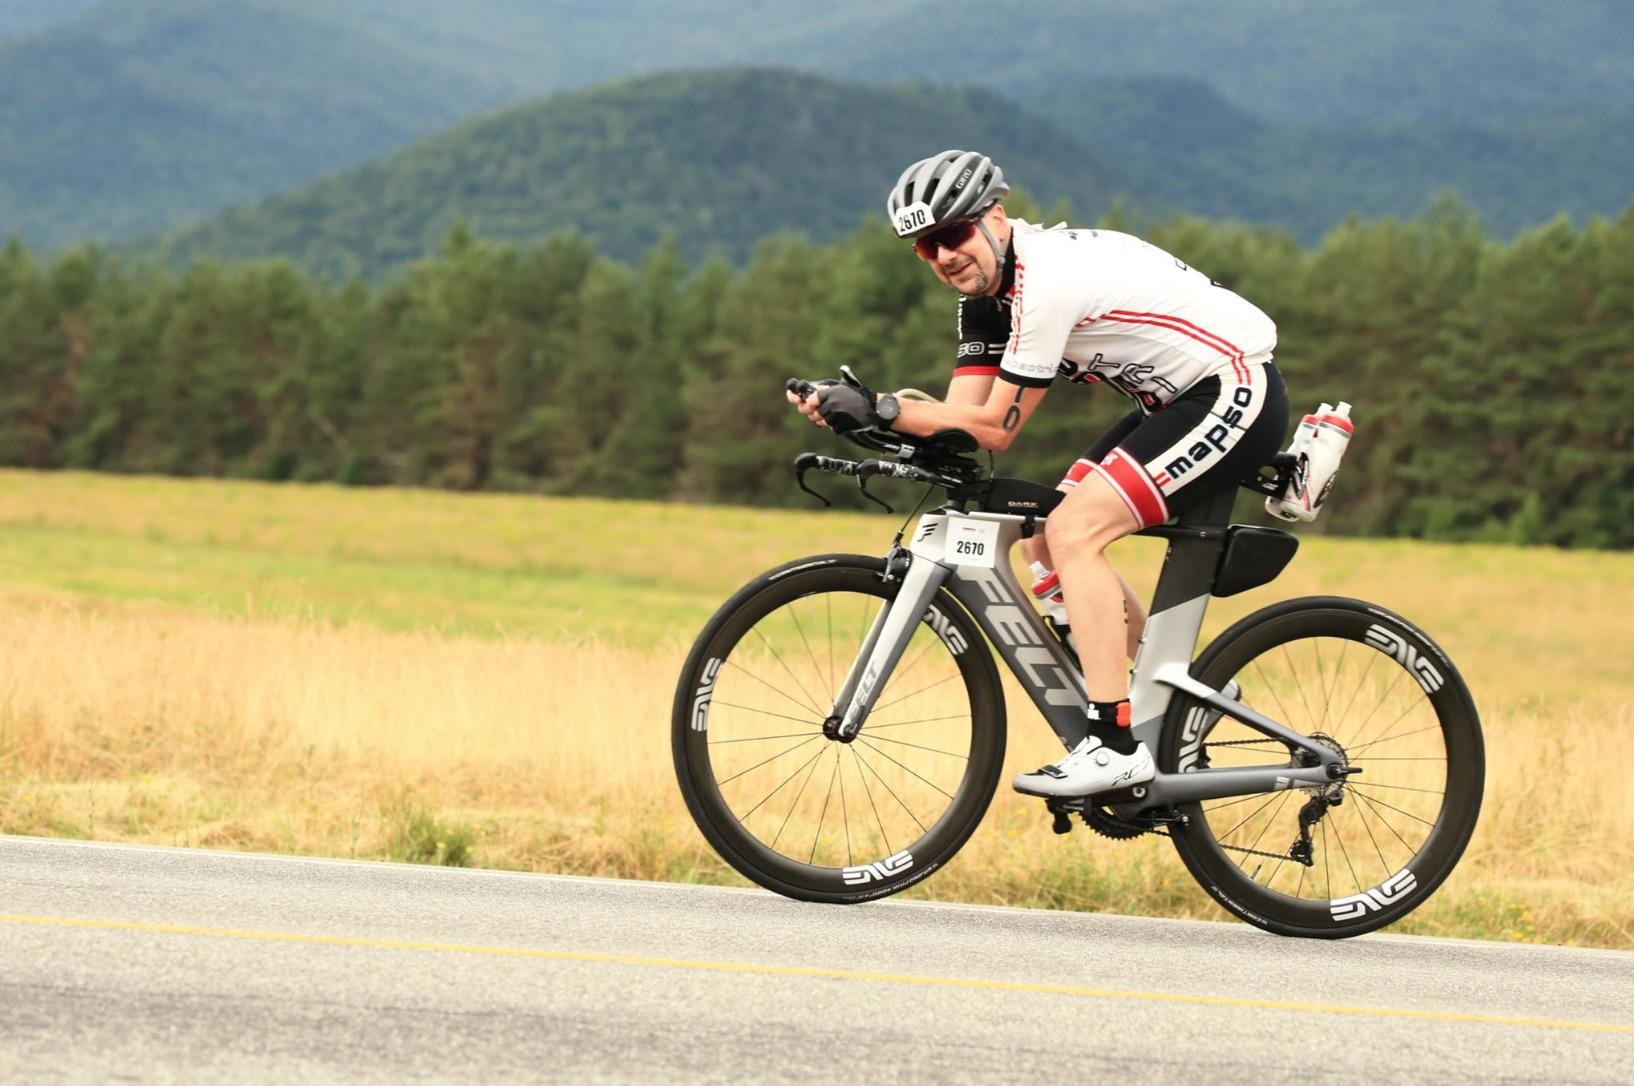 Wheels cycling at Quassy